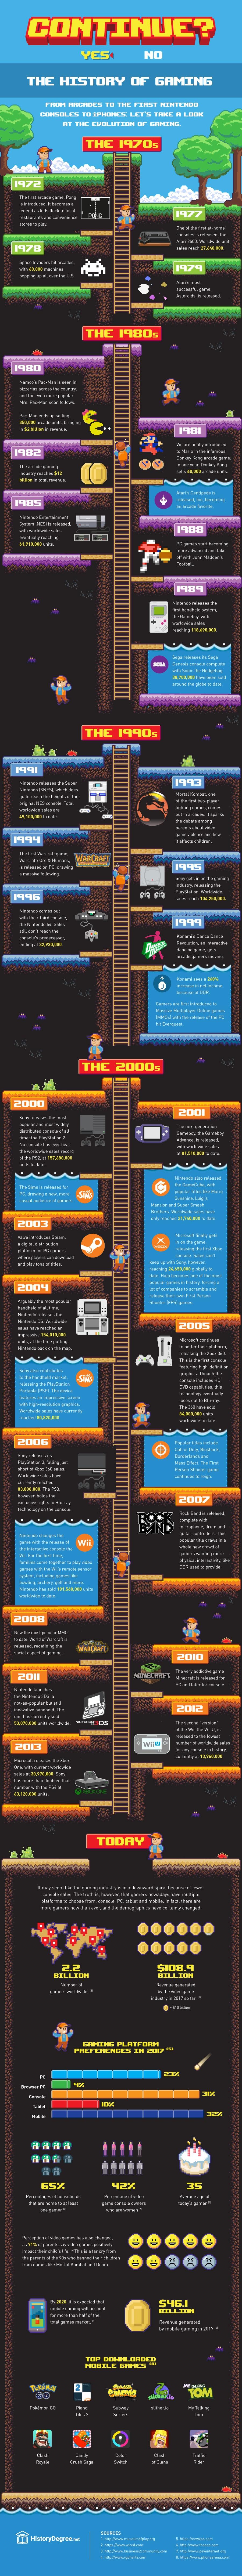 La historia del videojuego ¡resumida en una espectacular infografía!